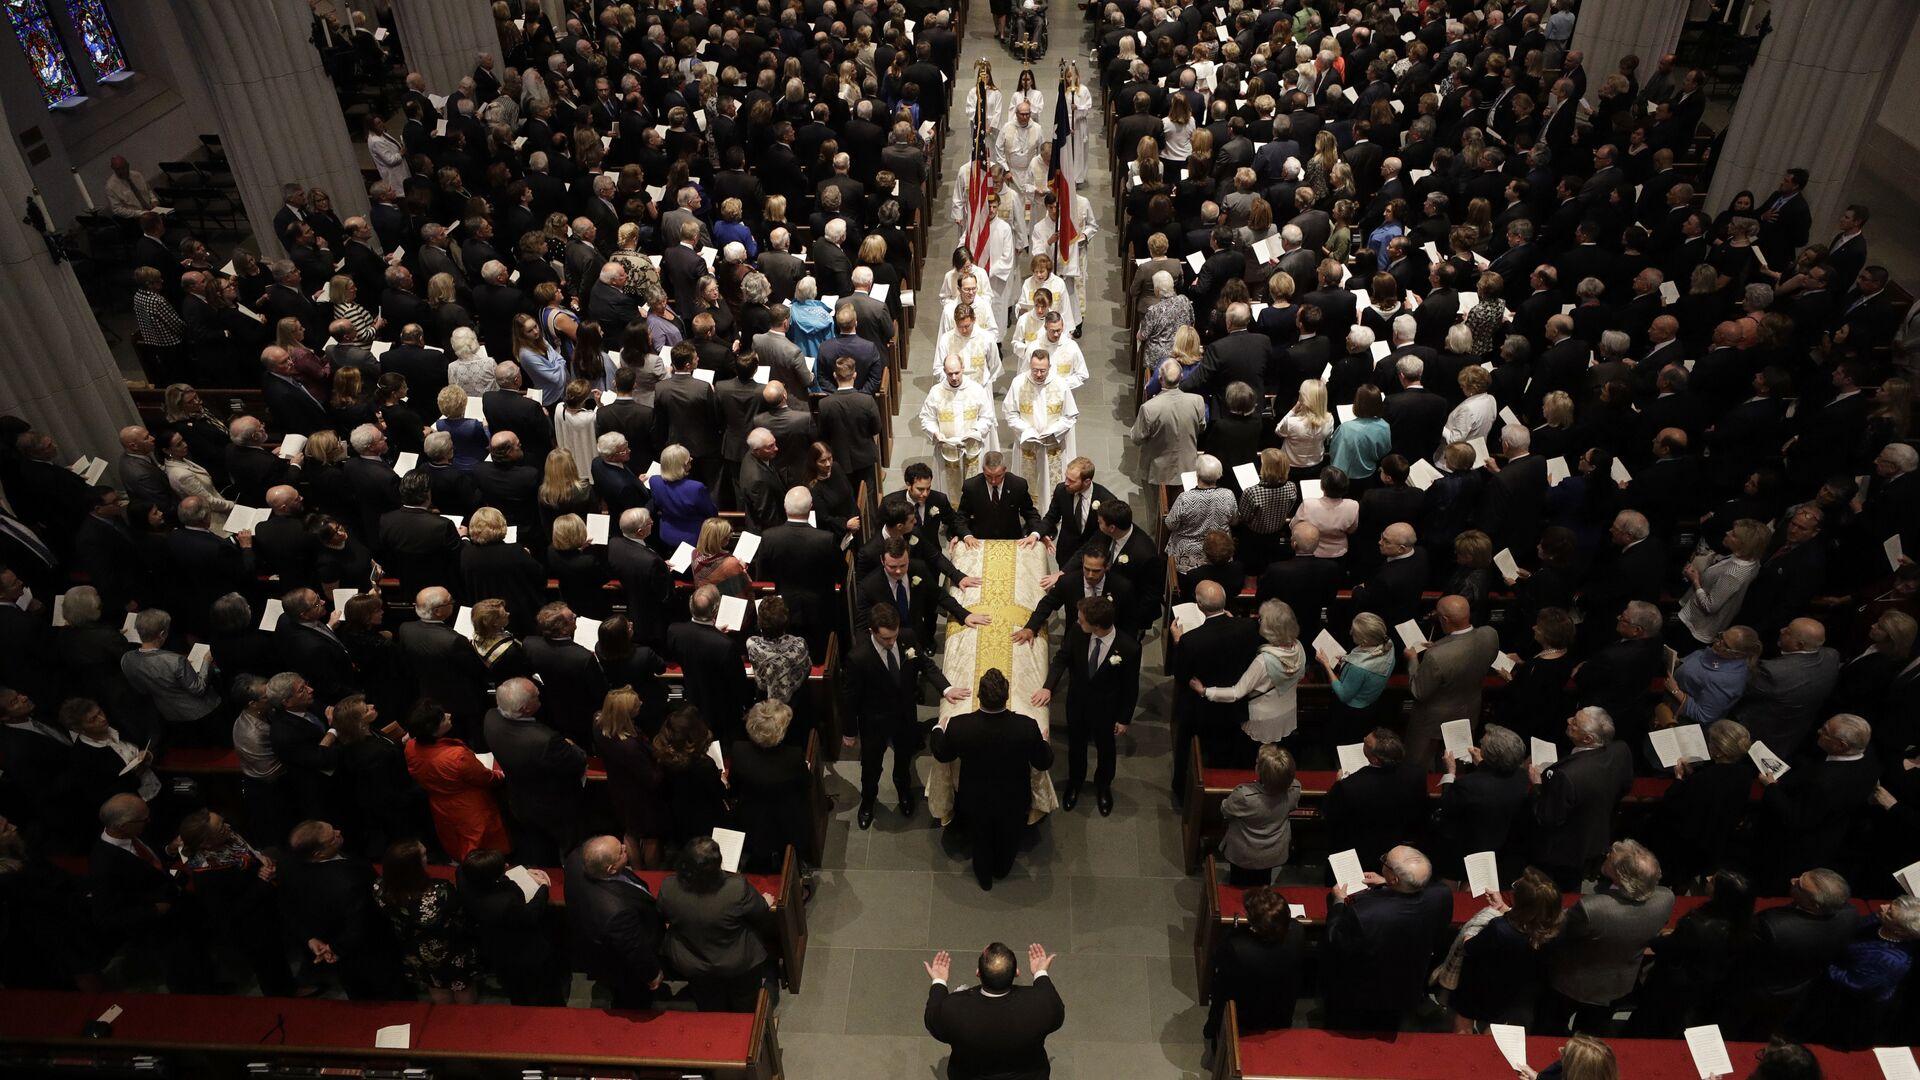 Гроб с телом бывшей первой леди Барбары на похоронной службе в Епископальной церкви Св. Мартина в Хьюстоне, США. 21 апреля 2018 - РИА Новости, 1920, 22.10.2020